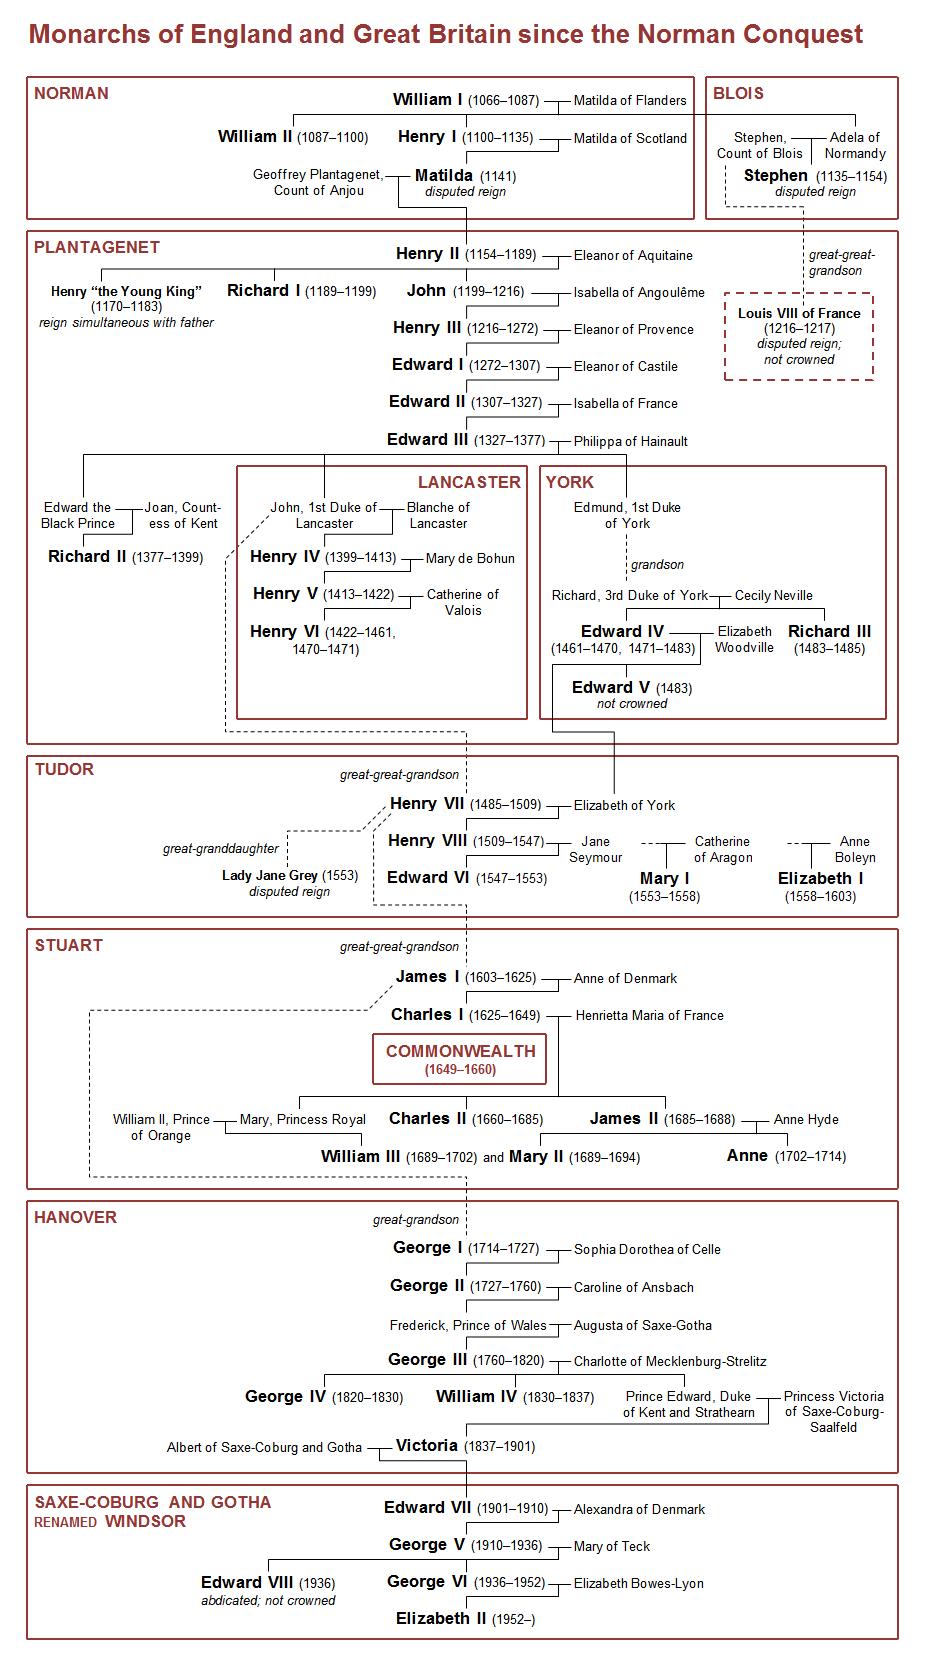 english_monarchy_family_tree